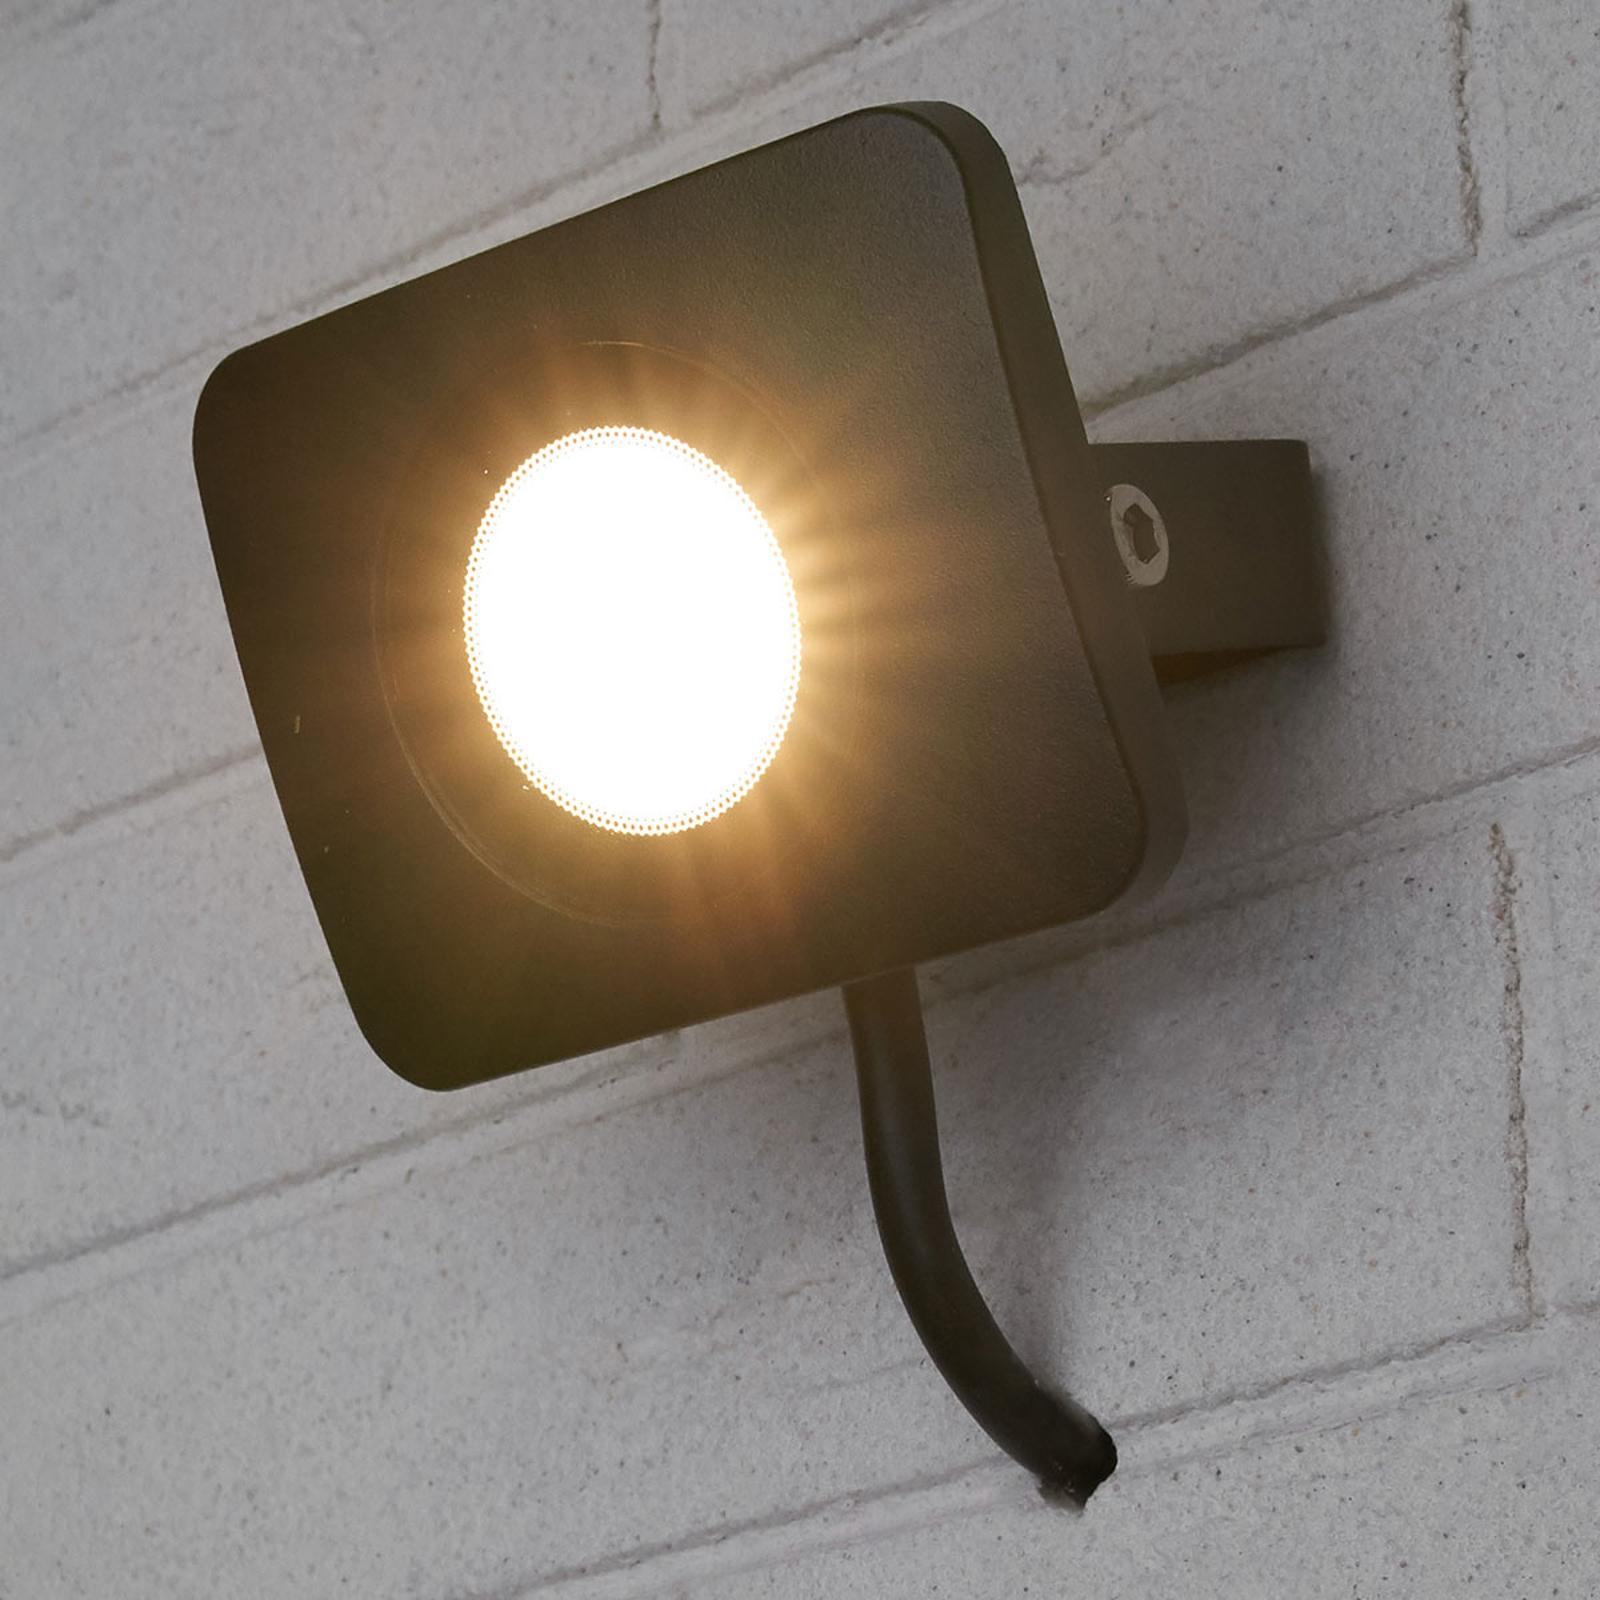 Applique d'extérieur LED Duke en aluminium, 10W